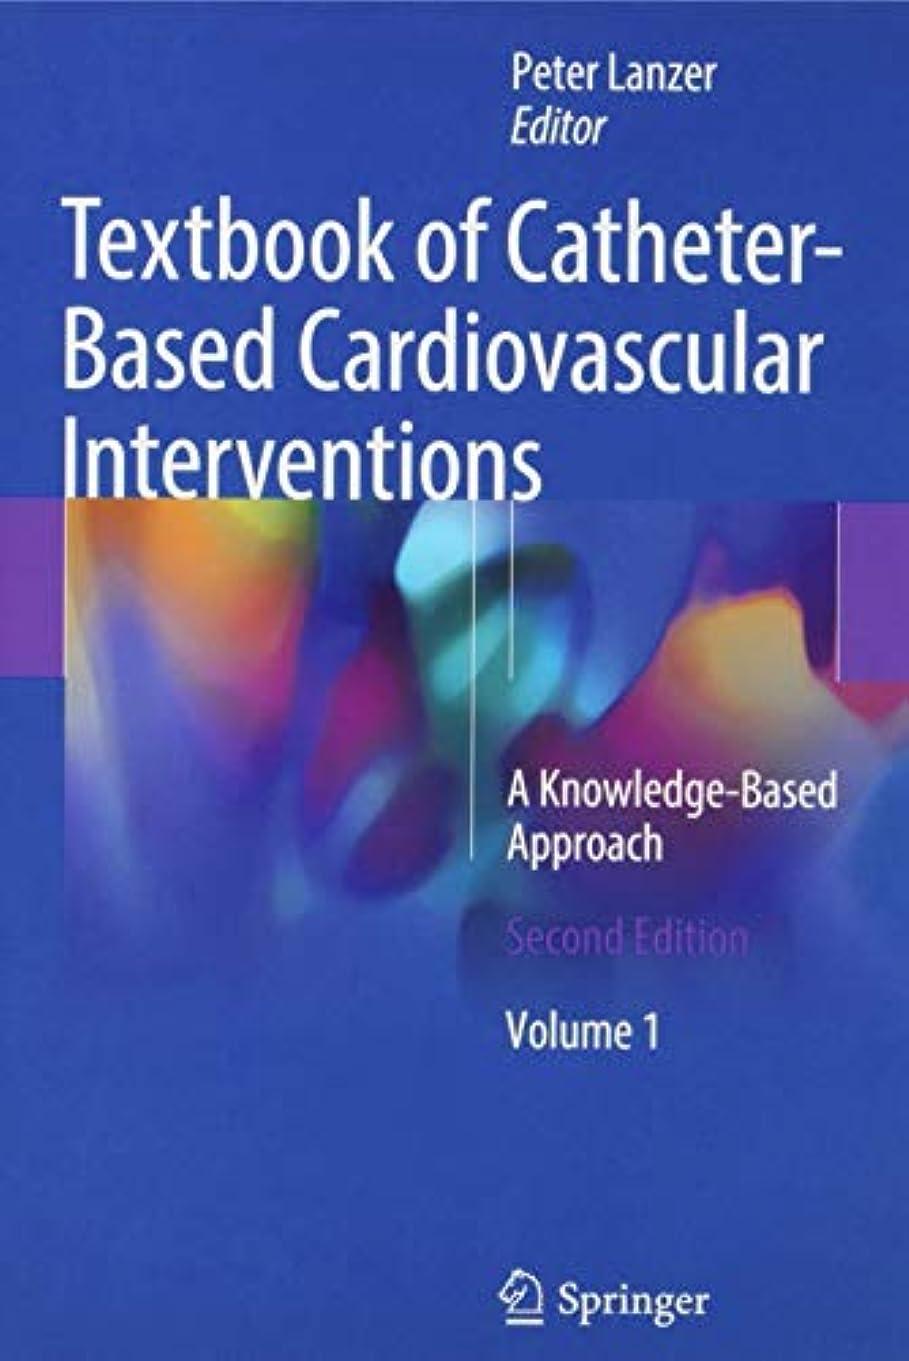 空港安心複合Textbook of Catheter-Based Cardiovascular Interventions: A Knowledge-Based Approach